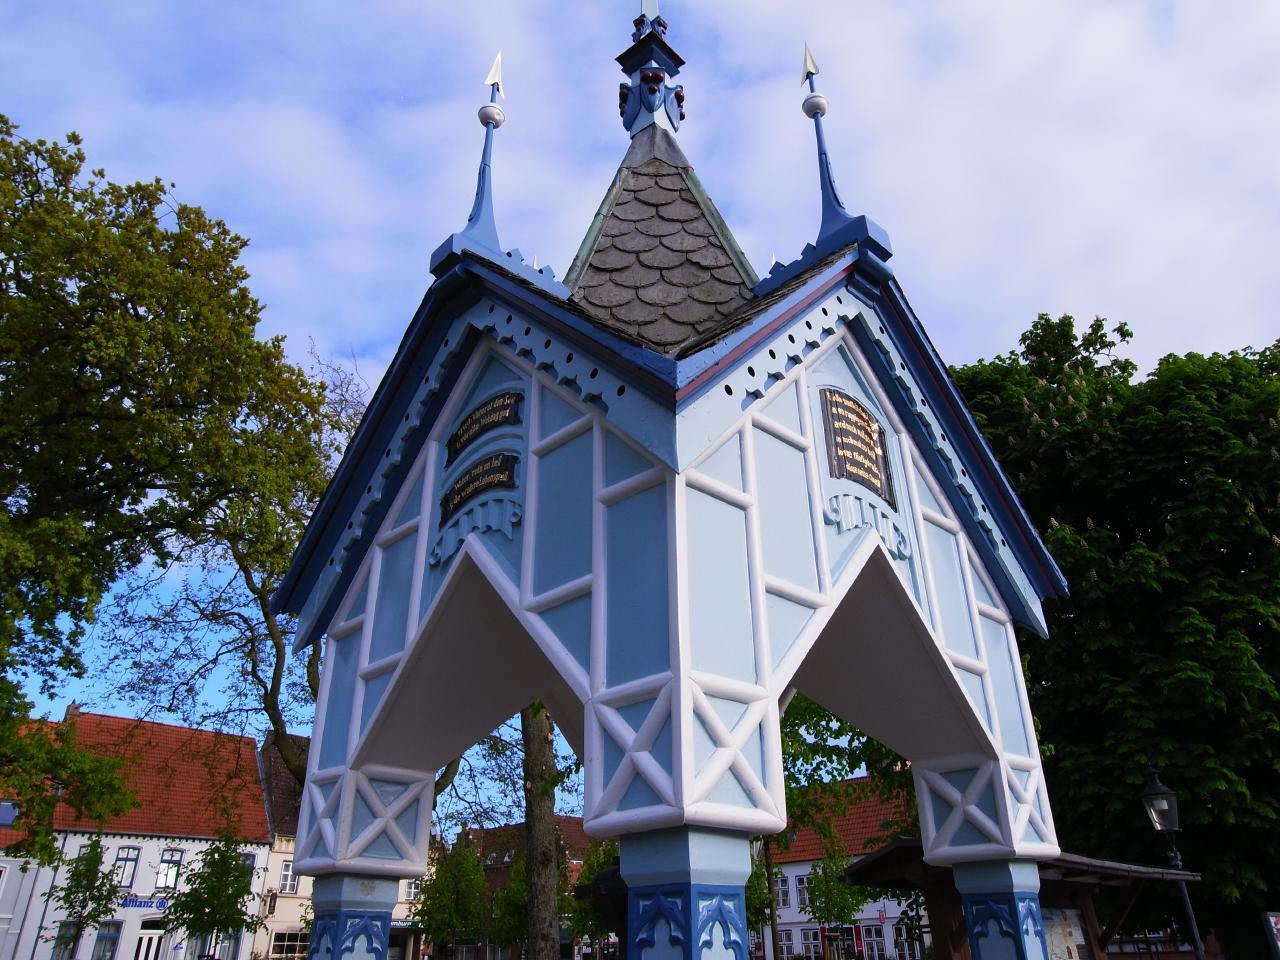 Ferienhaus 1. Quartier (129998), Friedrichstadt, Nordfriesland, Schleswig-Holstein, Deutschland, Bild 35